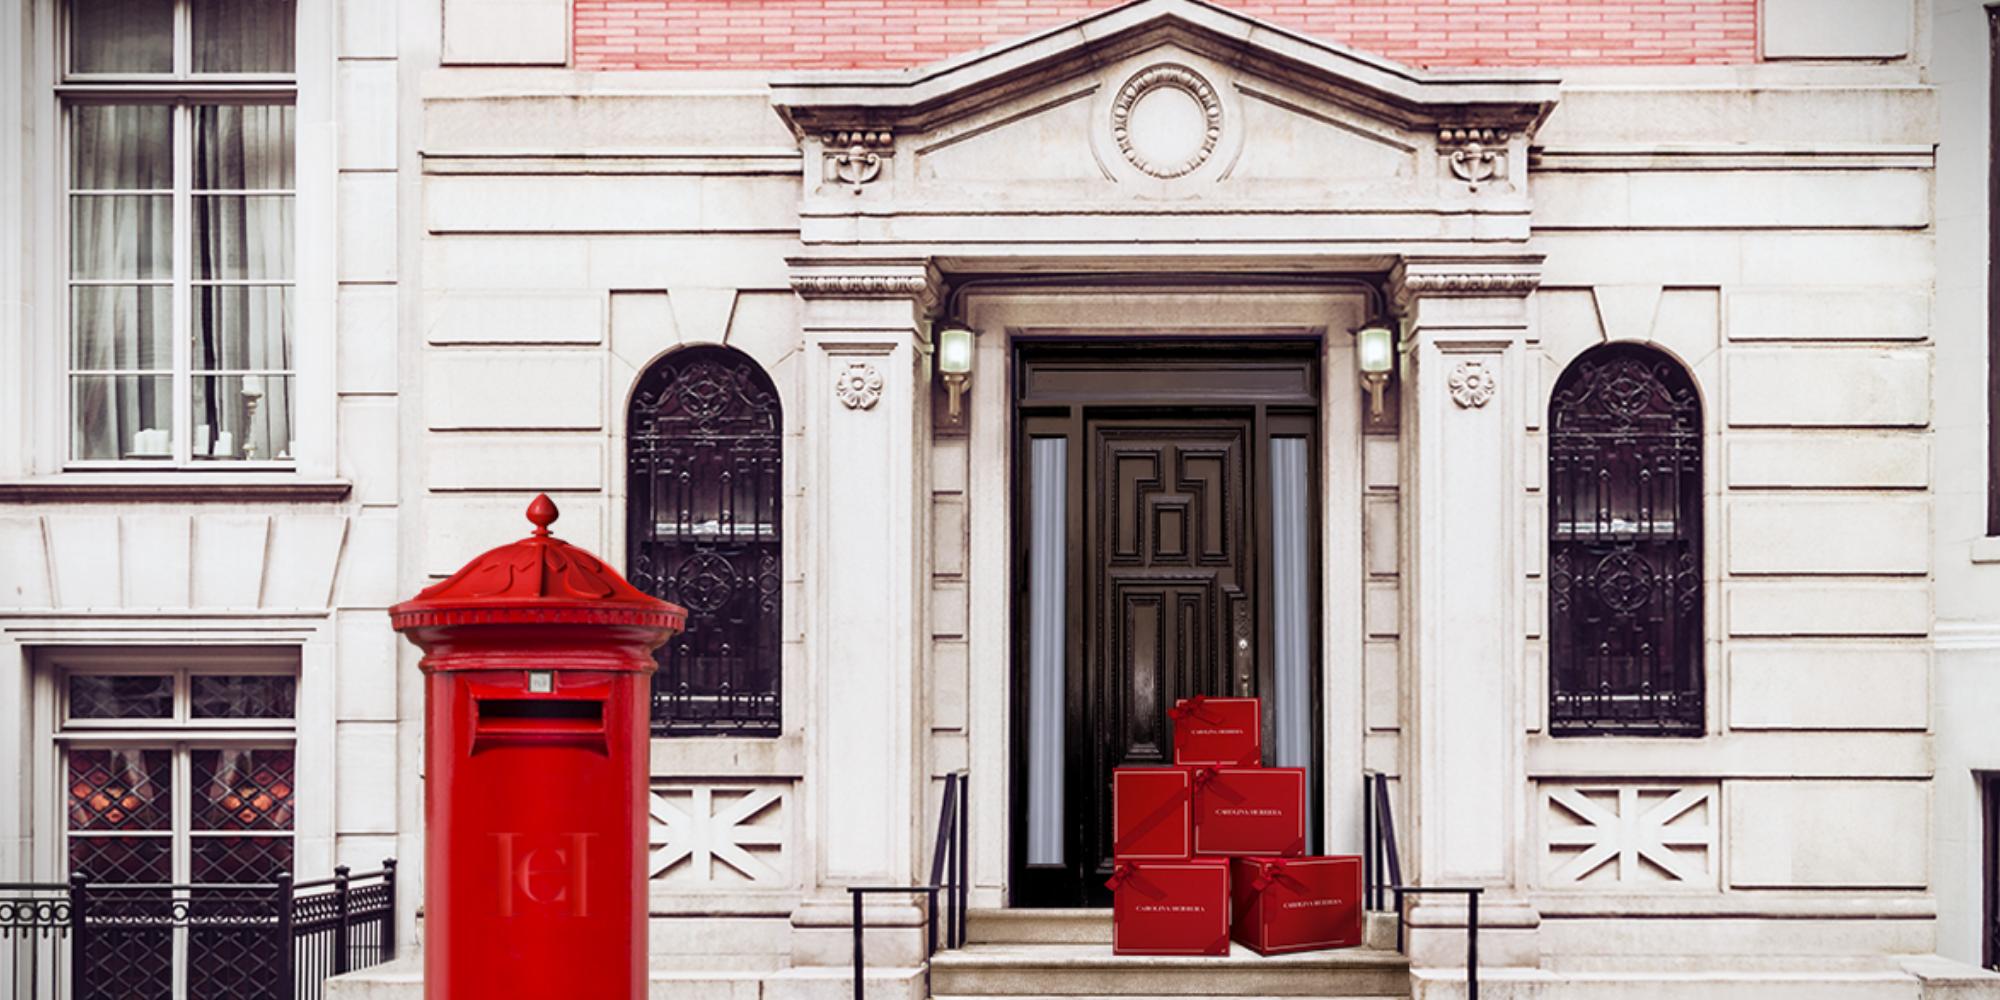 HERRERA-Love-post-good-logo-red-box